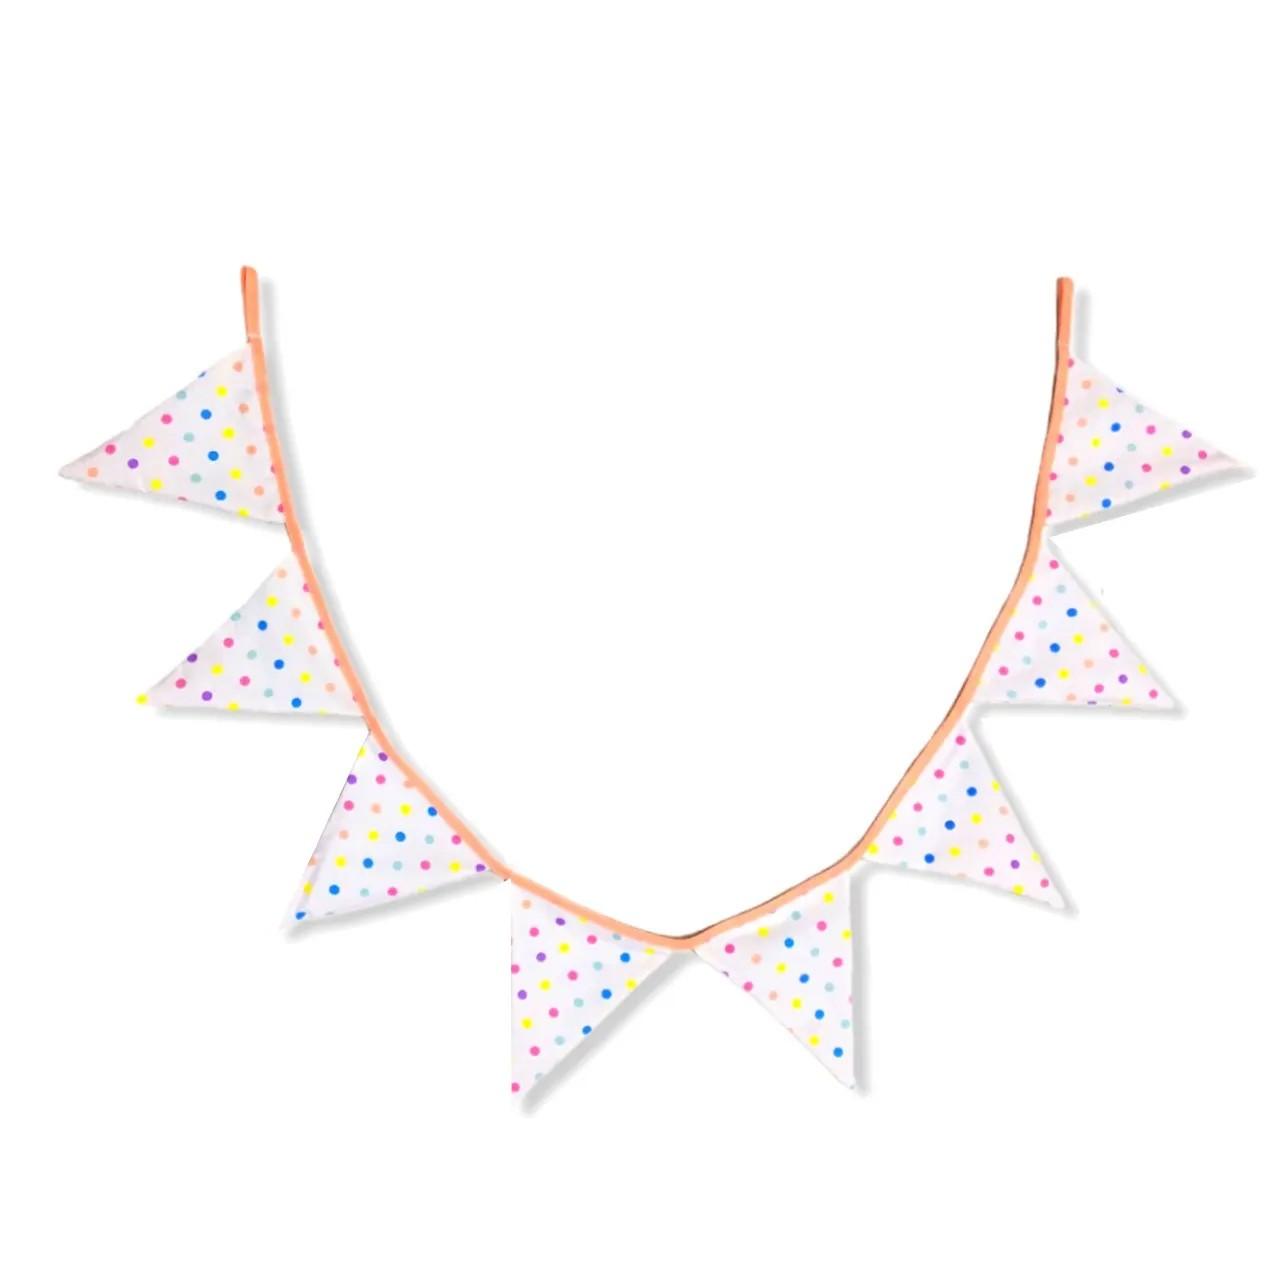 Bandeirola decorativa em tecido 100% algodão Confete candy